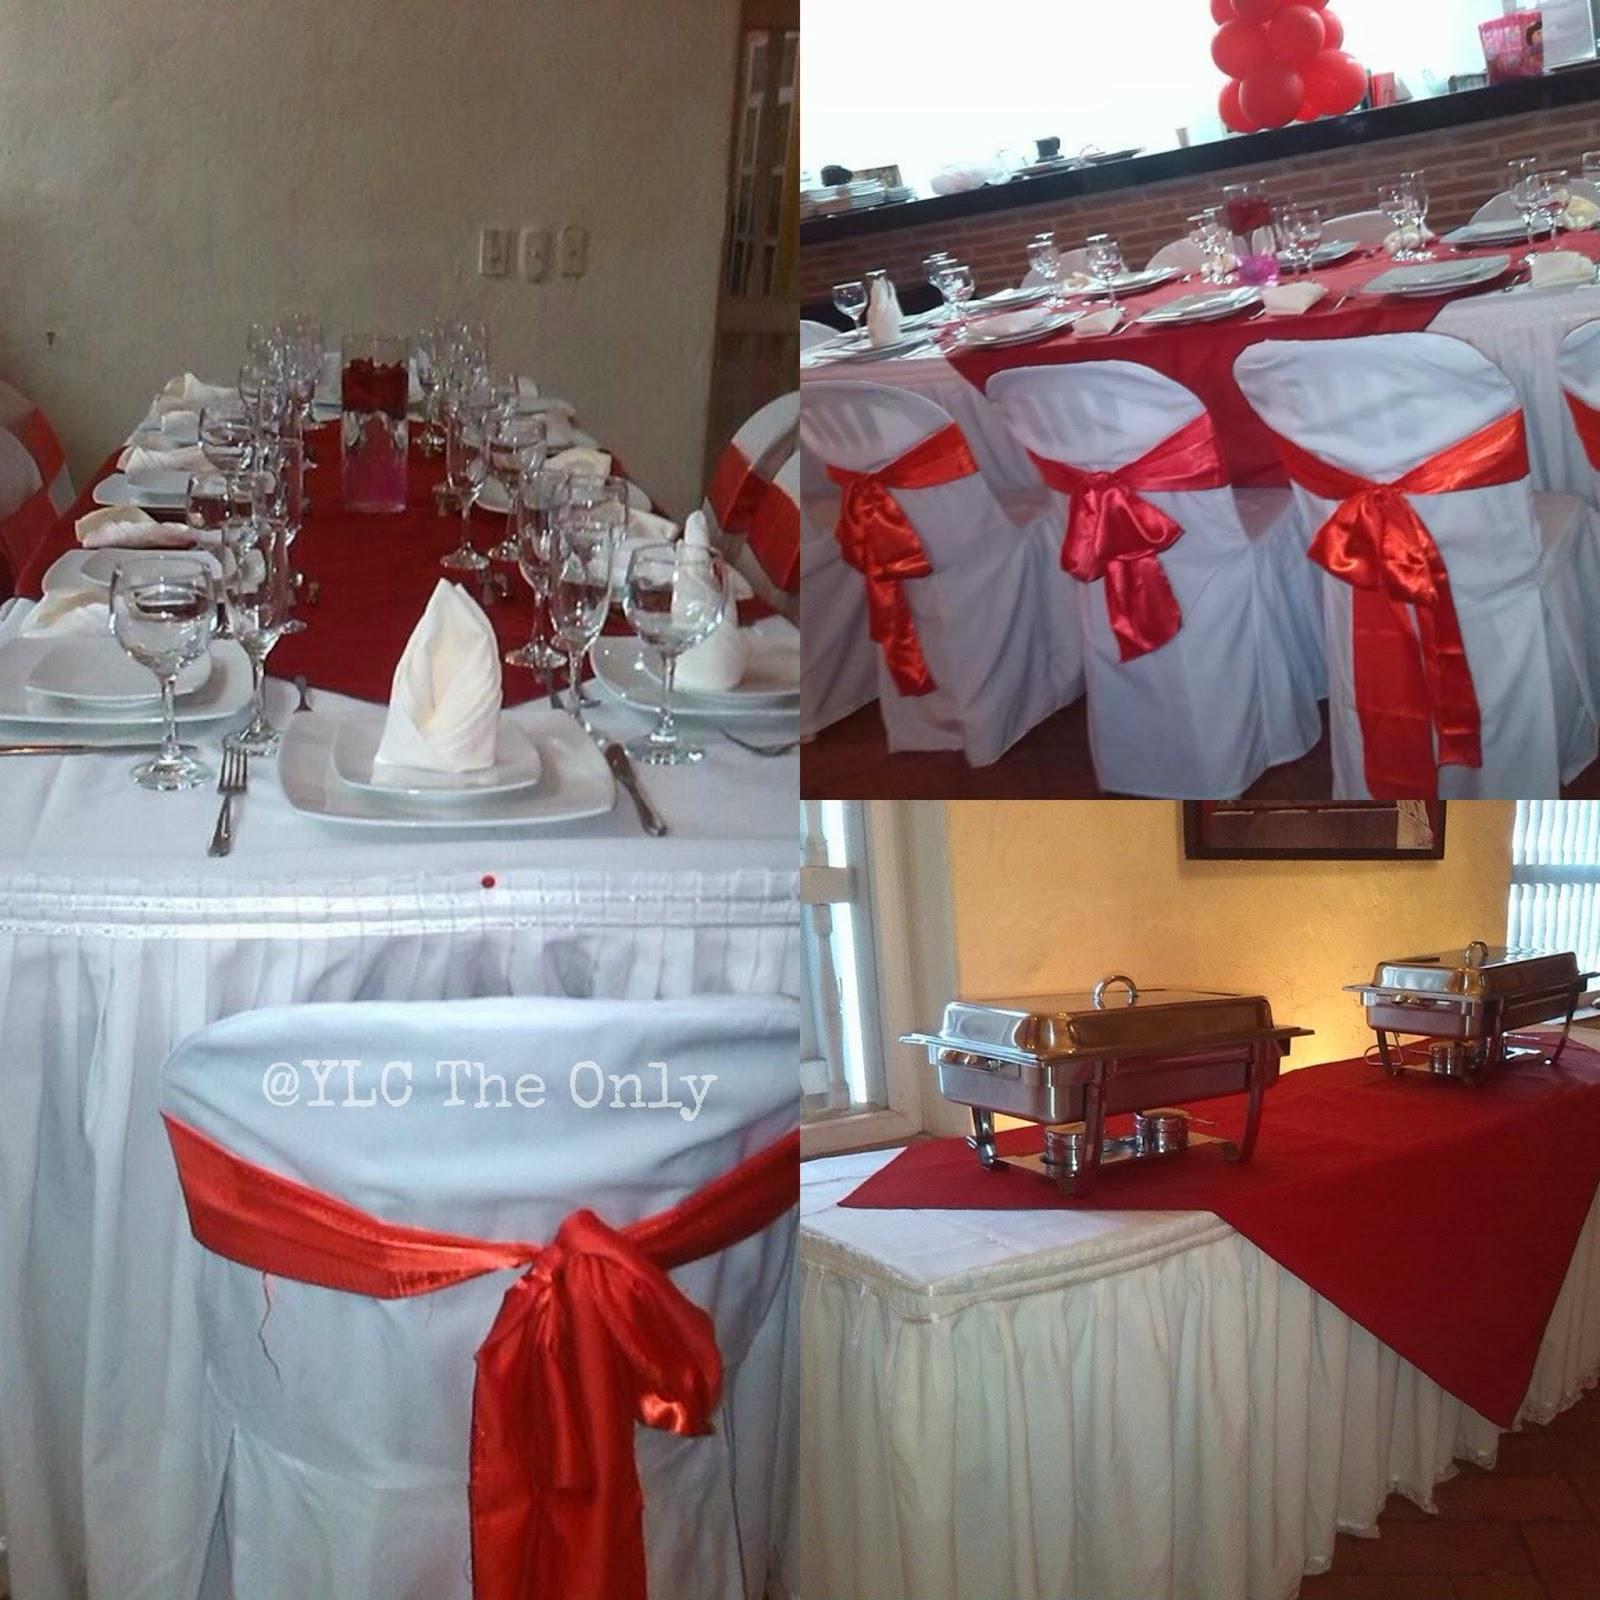 Ylctheonly montaje de una boda sencilla con decoraci n roja for Decoracion de apartamentos sencillos